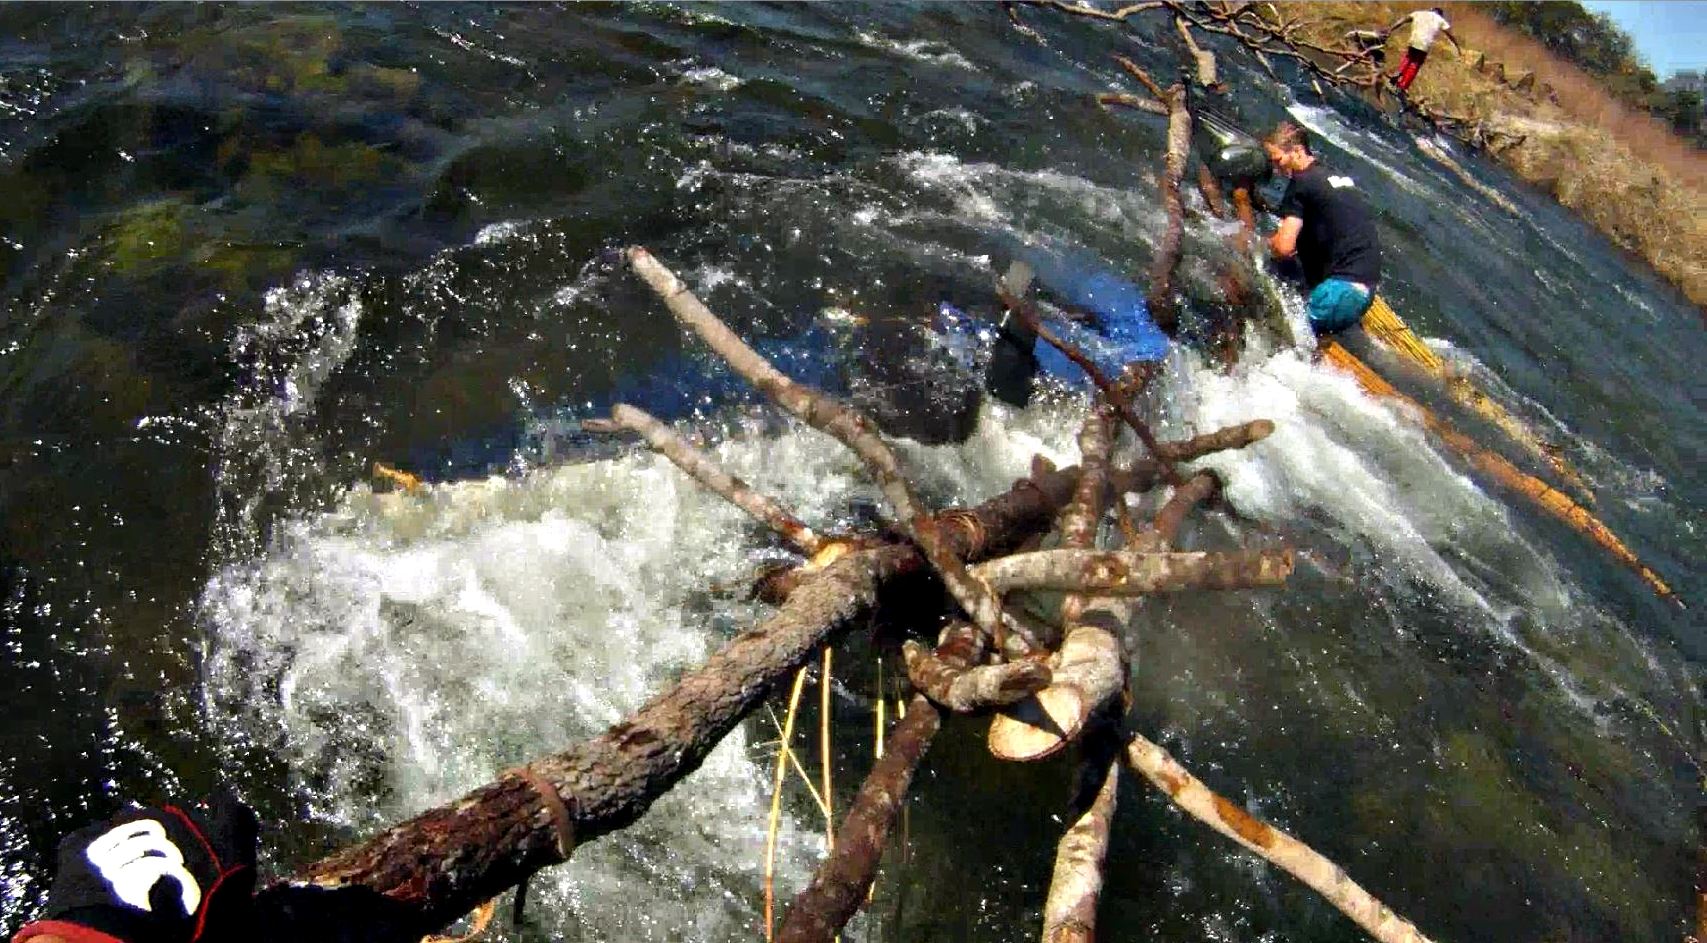 Kayak sinking